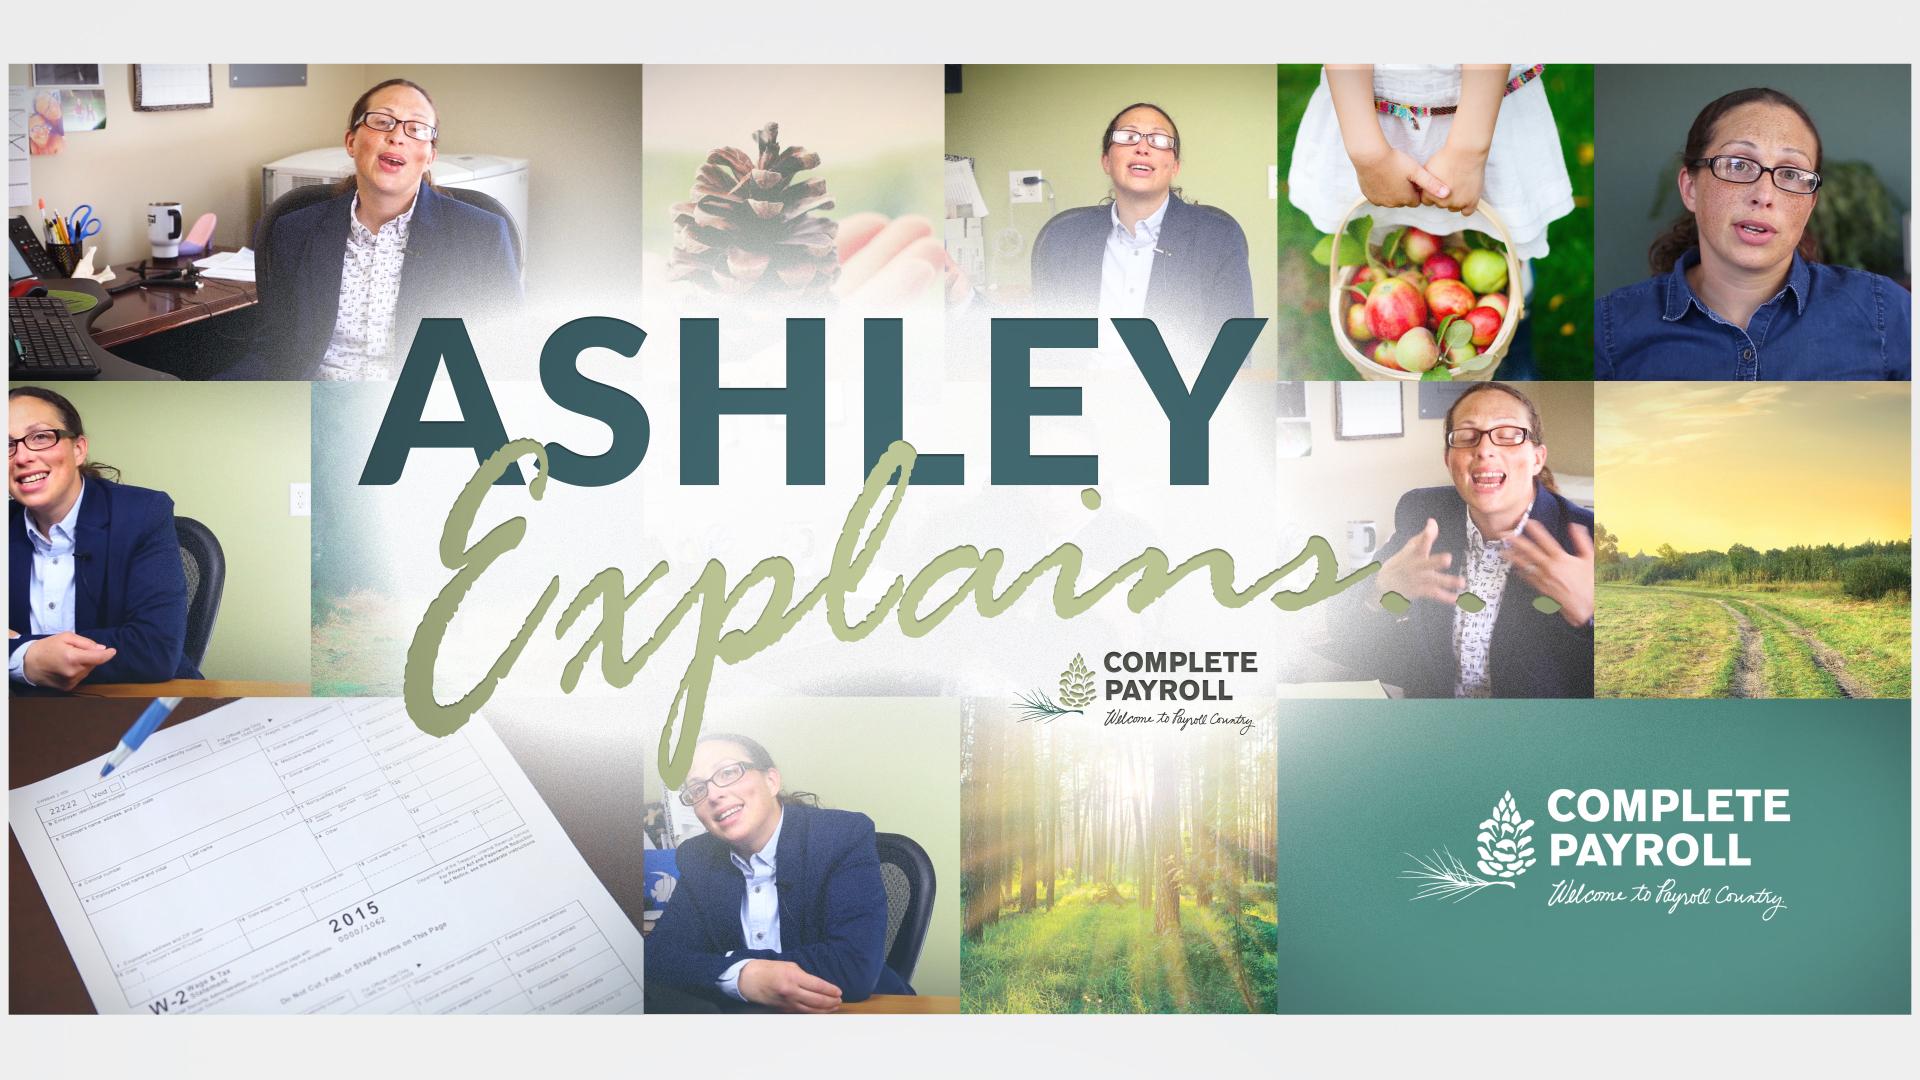 AshleyExplains_THUMB-1